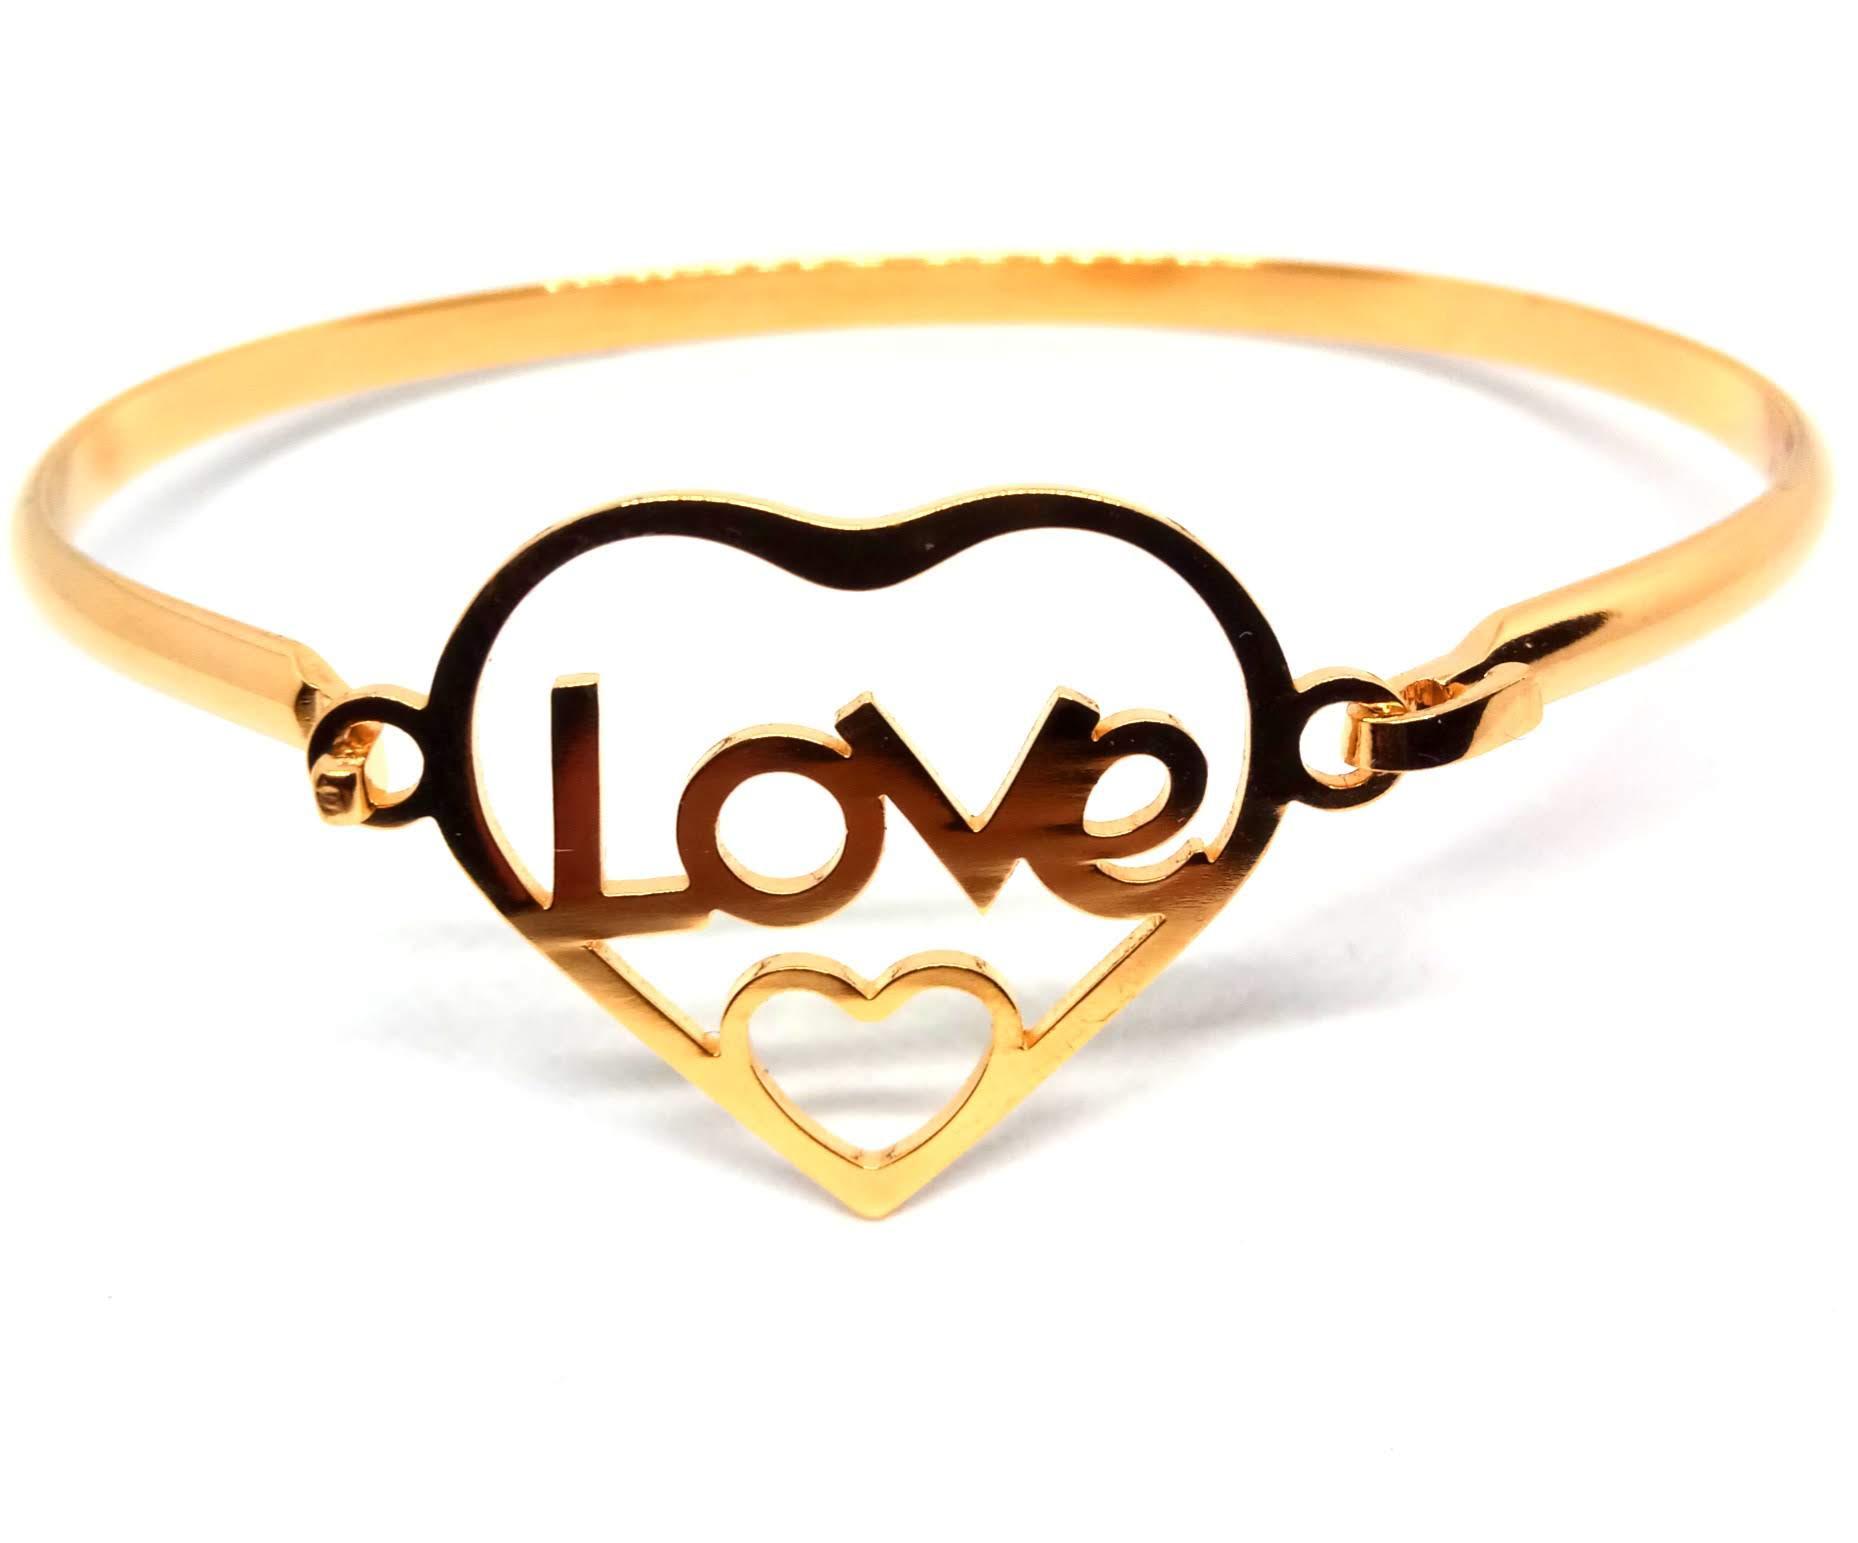 Pulseira Bracelete Feminina Love 2 Coração Banhada Ouro 18K